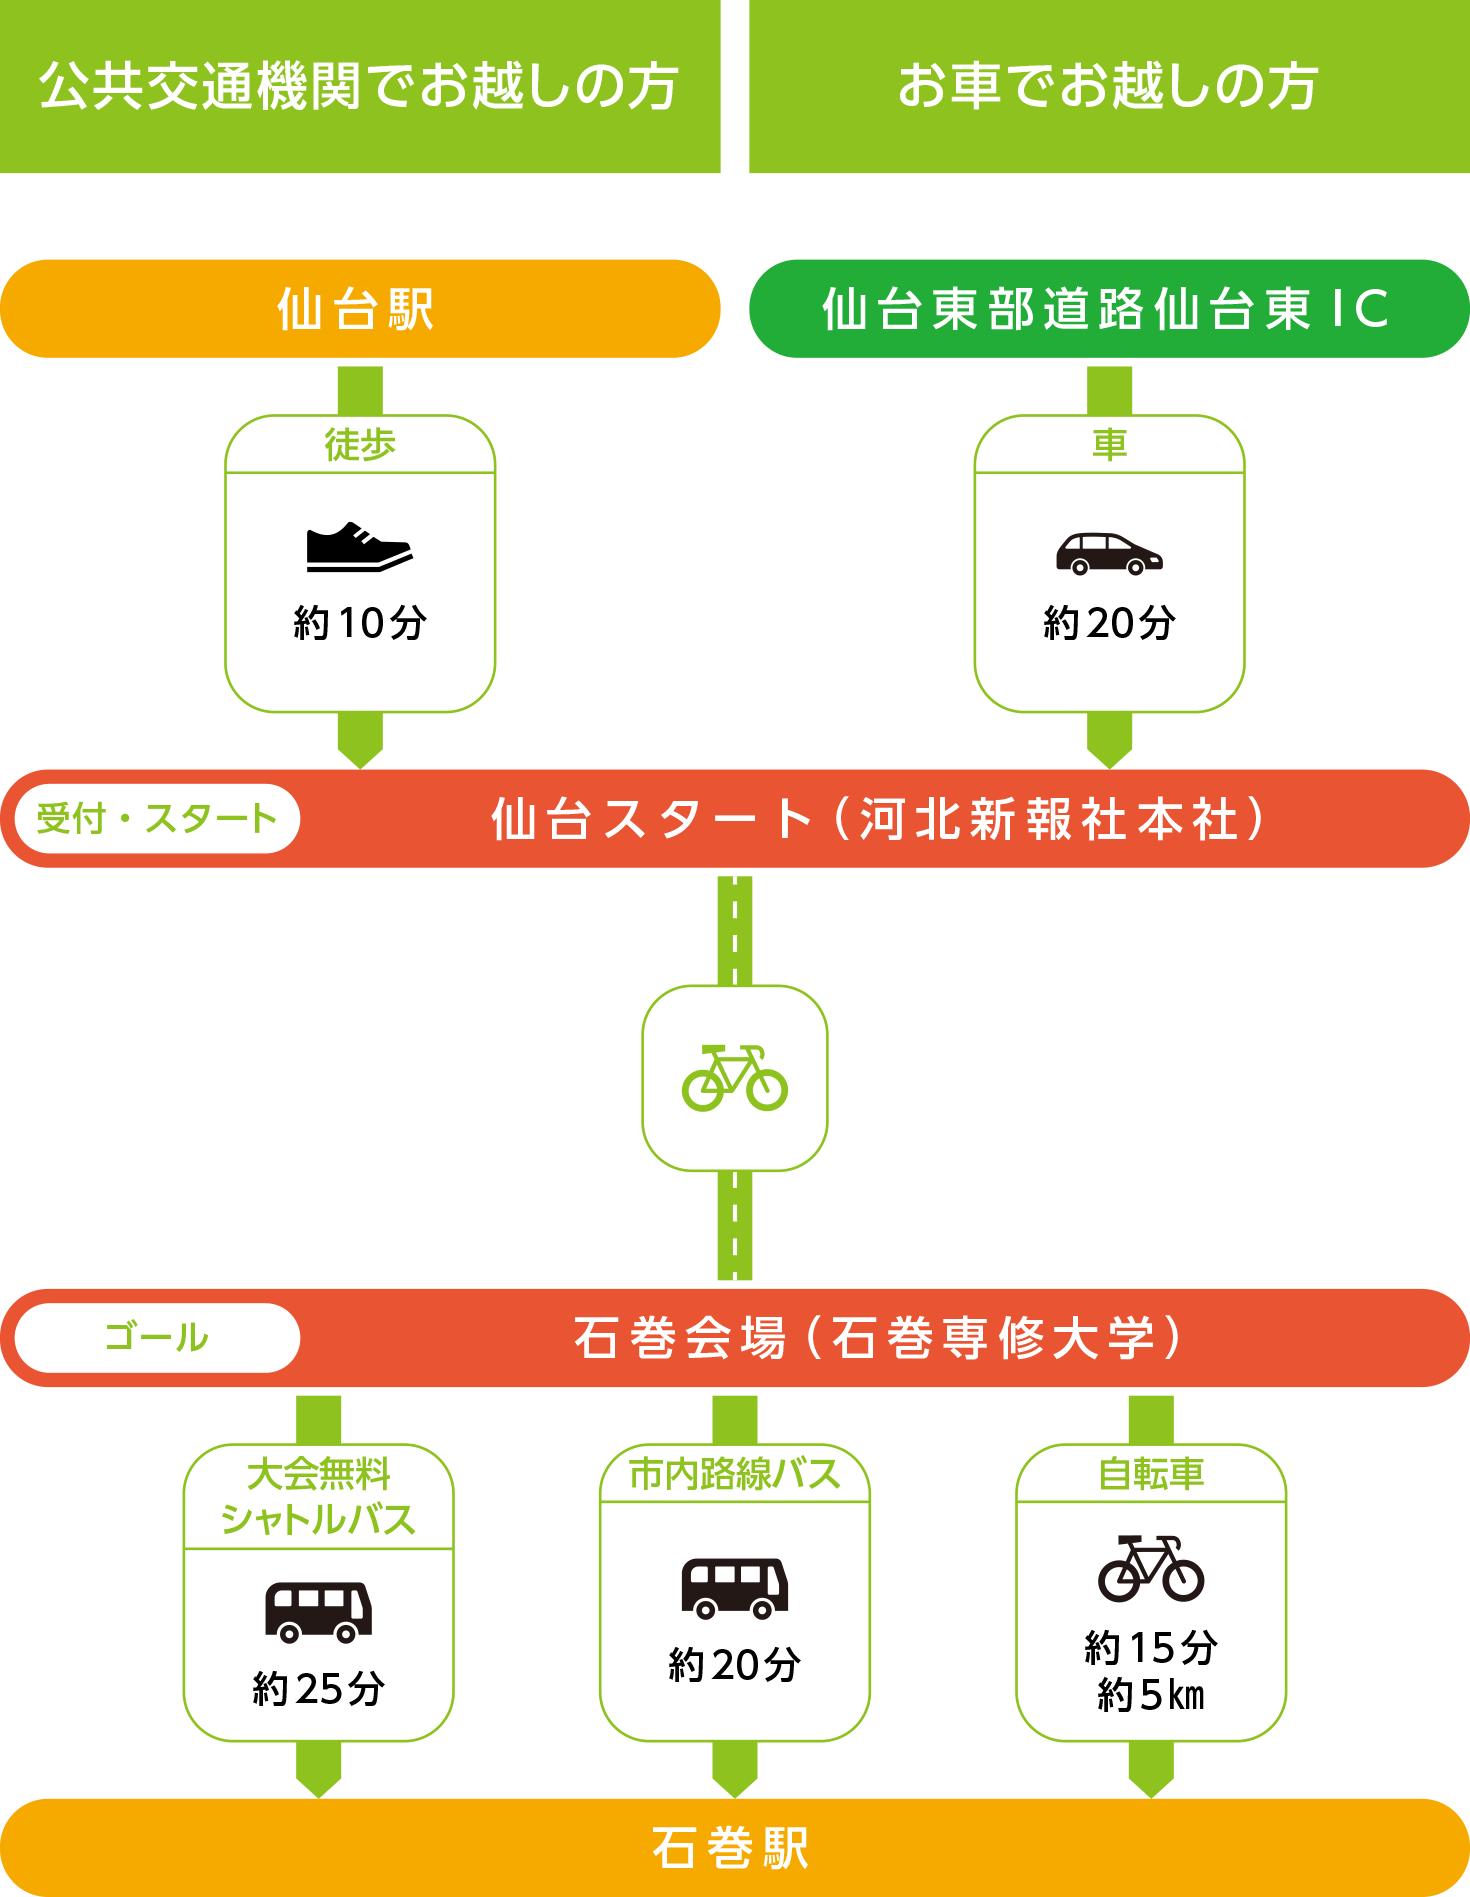 仙台会場 - 公共交通機関・お車でお越しの方